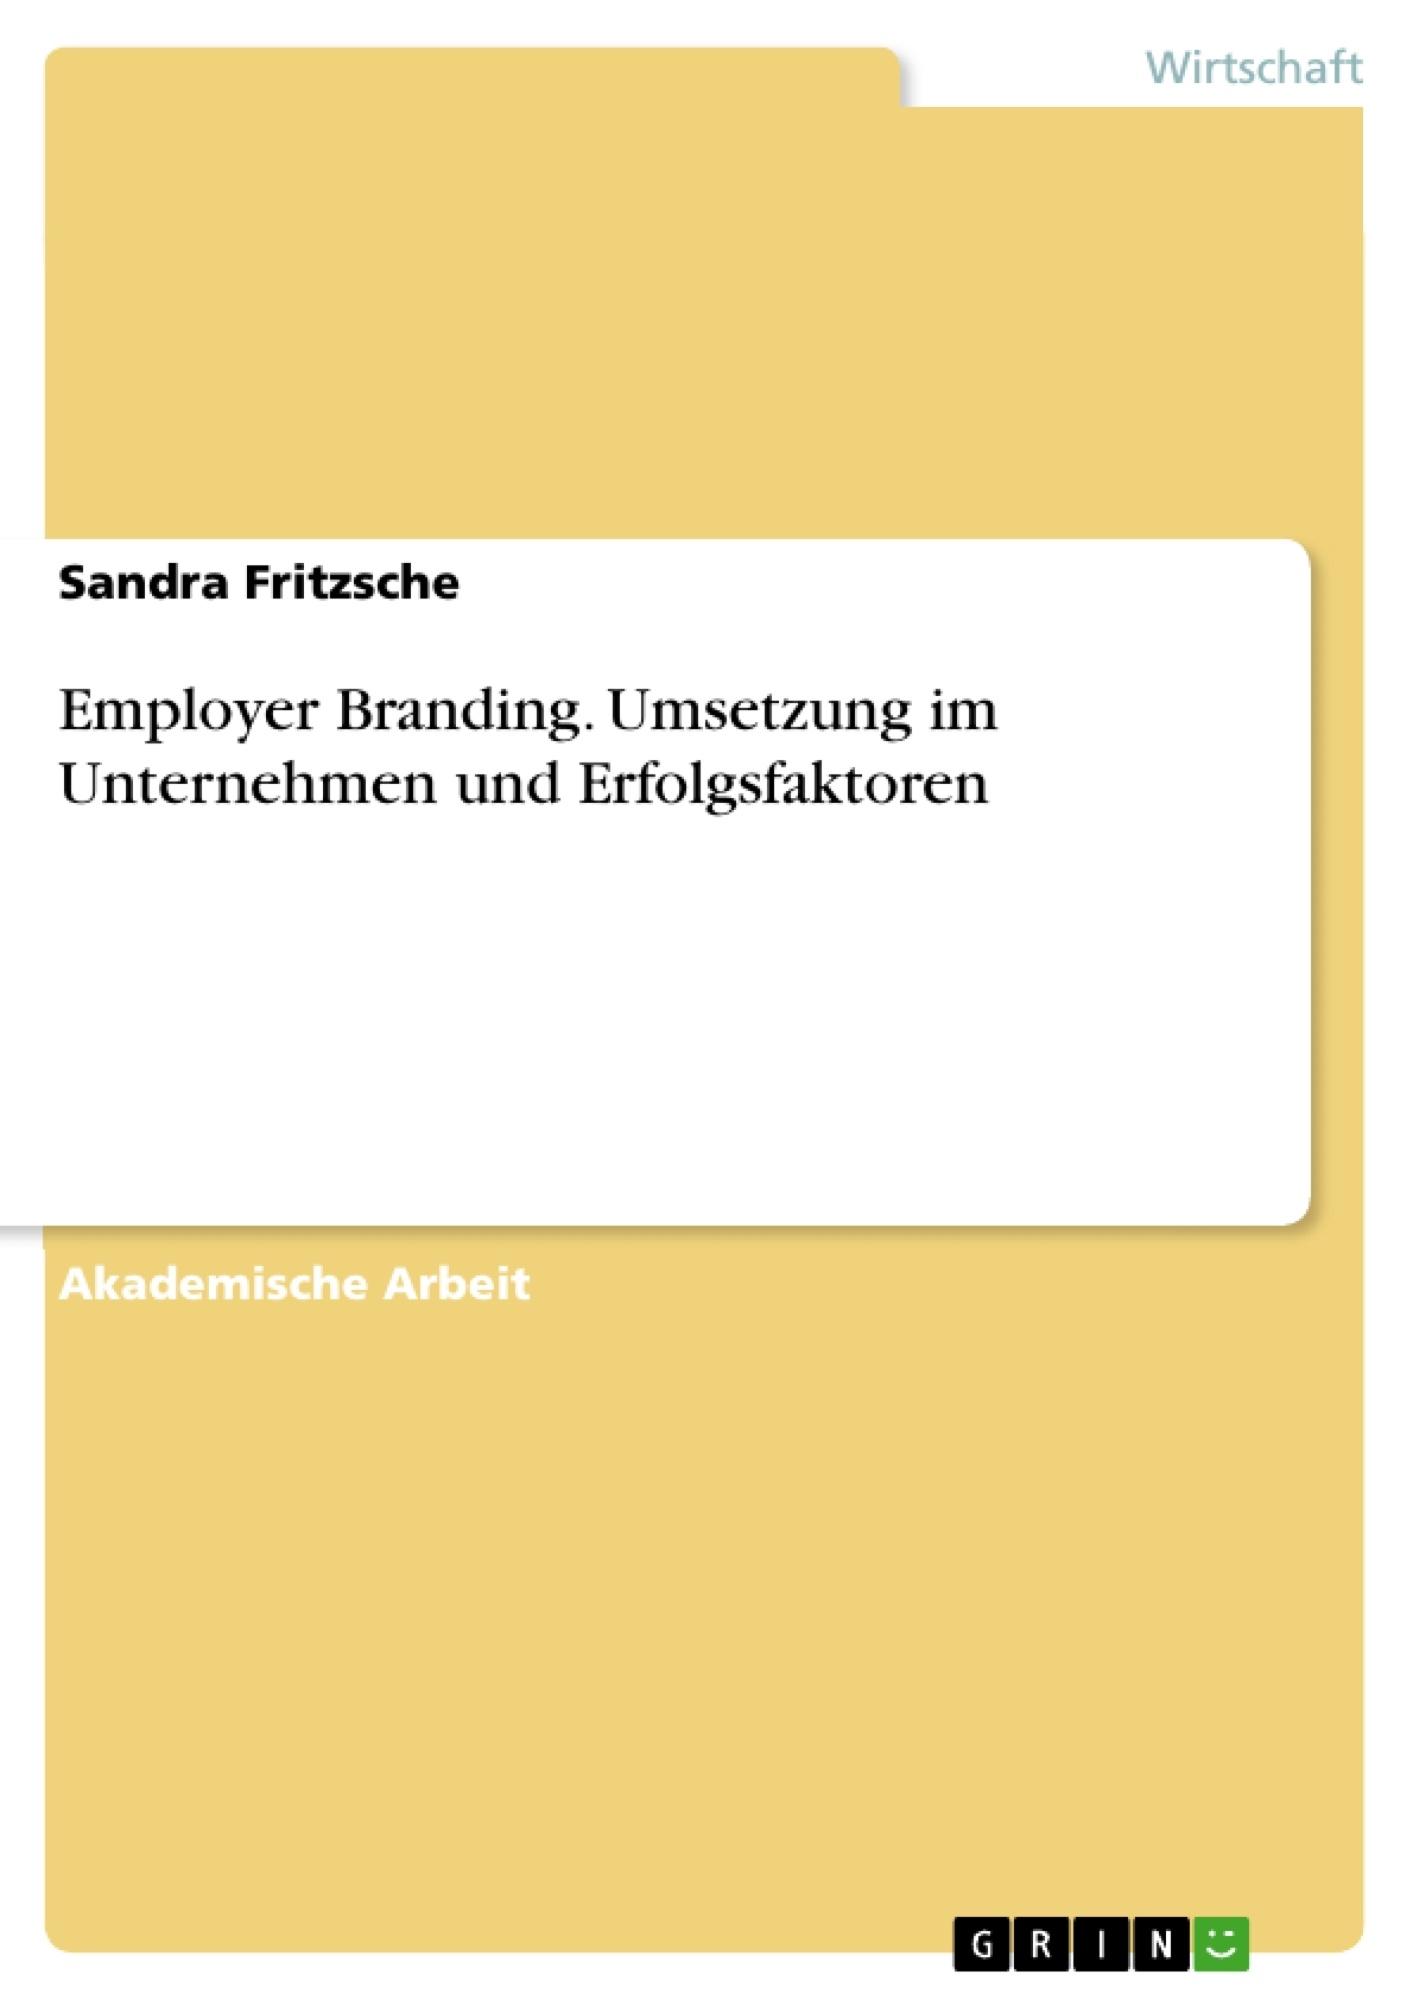 Titel: Employer Branding. Umsetzung im Unternehmen und Erfolgsfaktoren